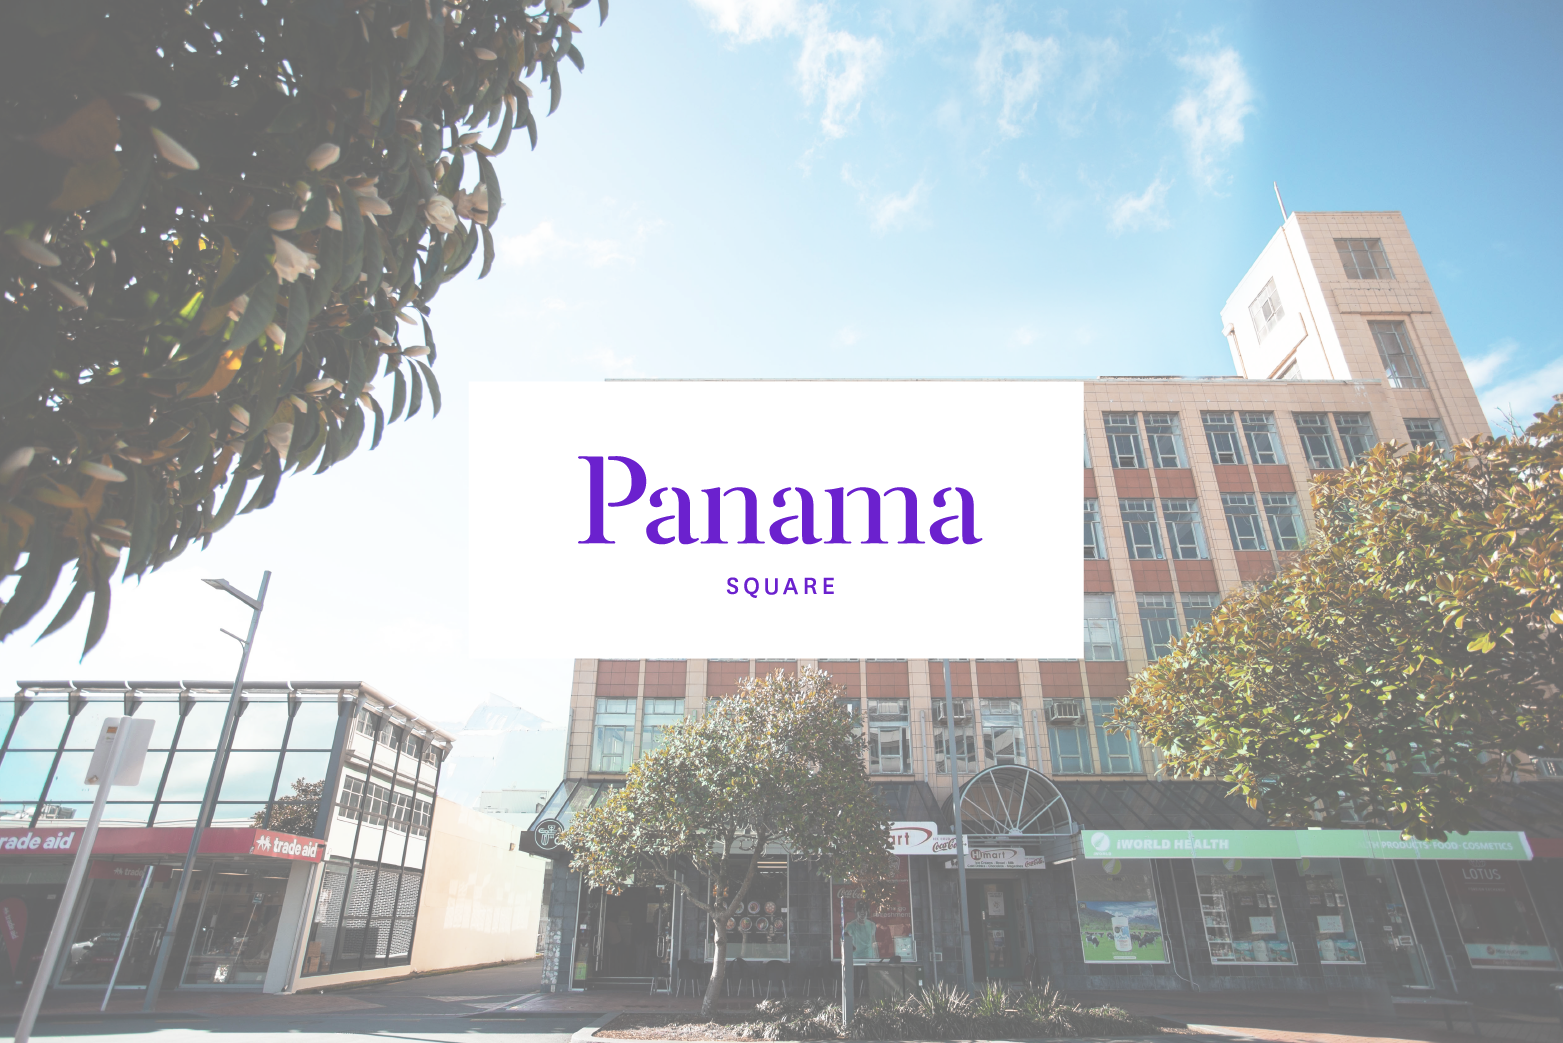 PanamaSquareO-01.png